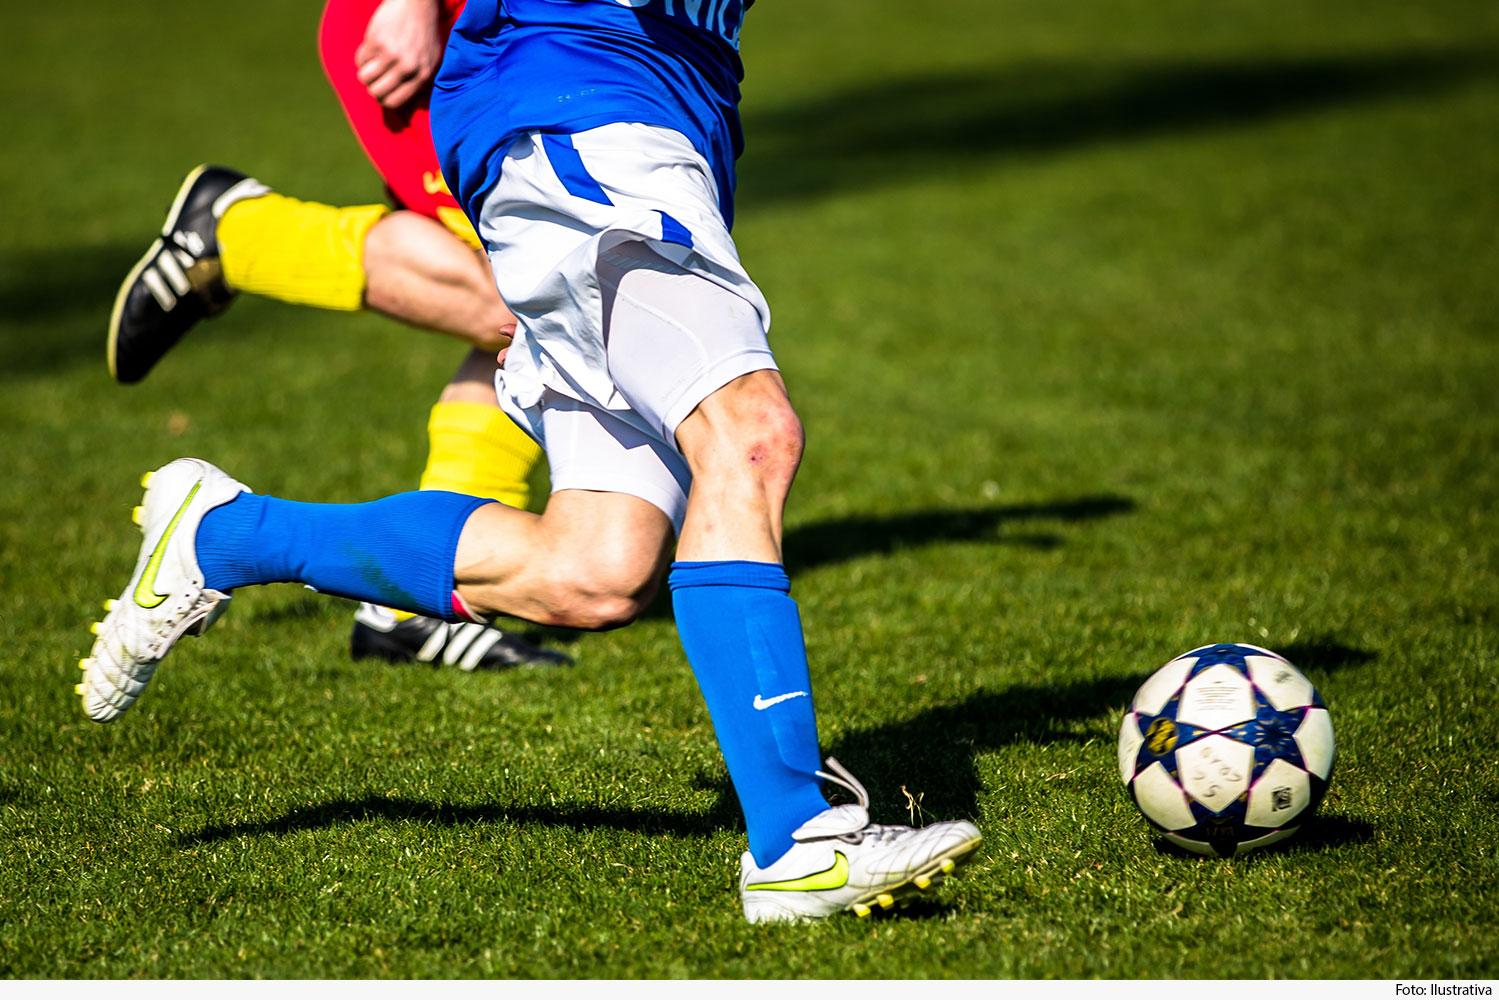 Plano mostrando pernas de jogadores chutando bola em campo de futebol